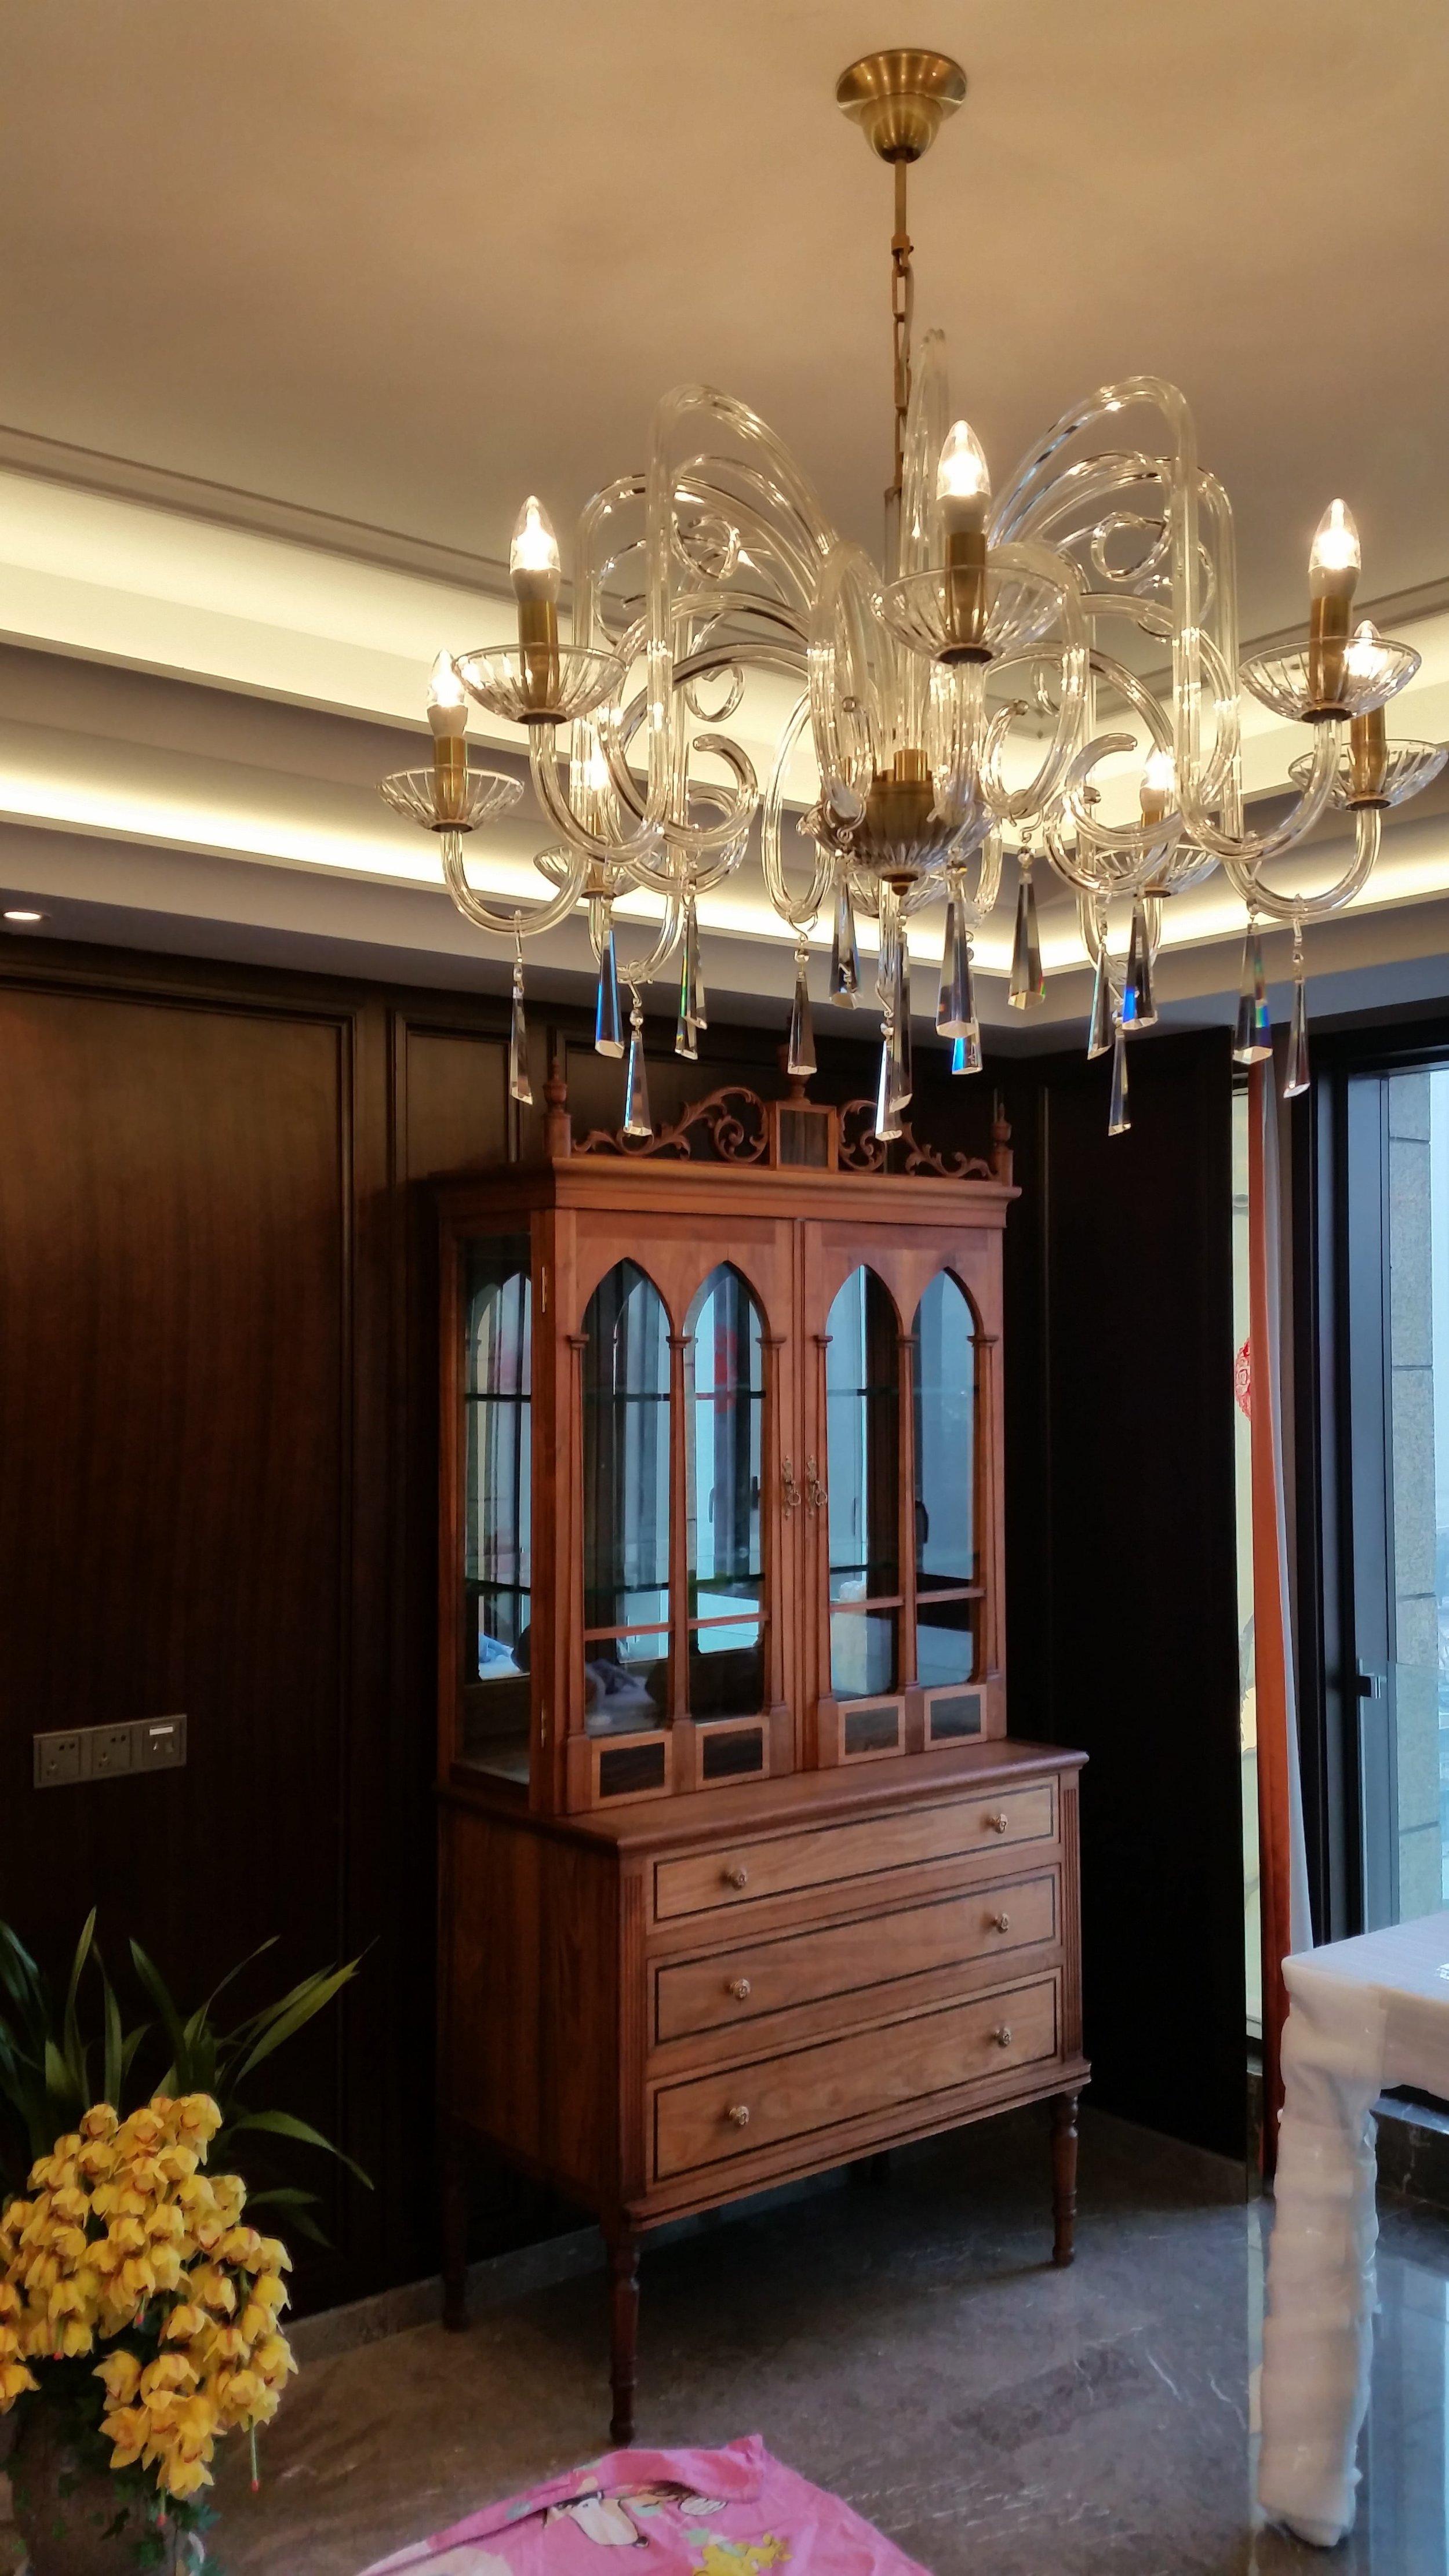 private-villa-china-wranovsky-crystal-chandelier-2.jpg